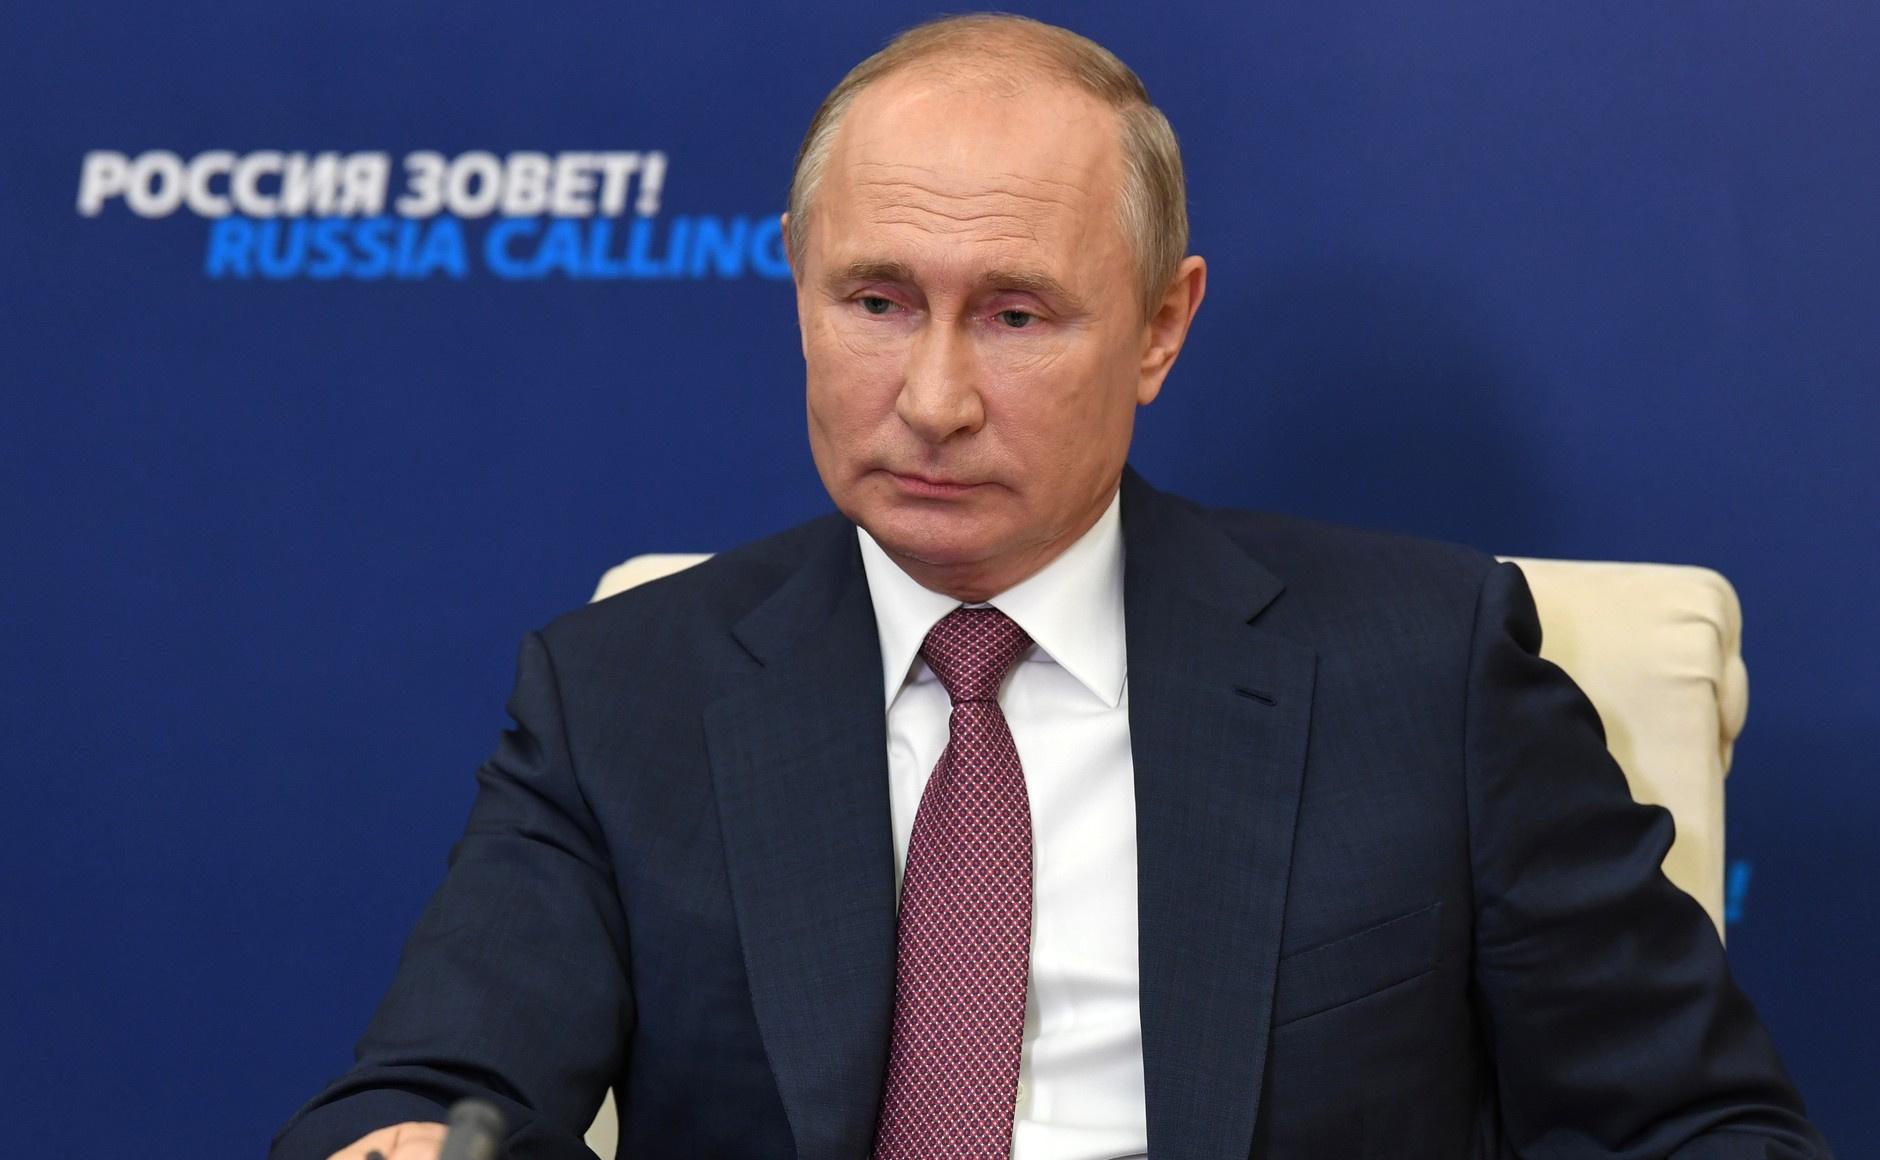 """""""Прицепятся к чему угодно"""". Путин отказался затрагивать тему выборов в США"""